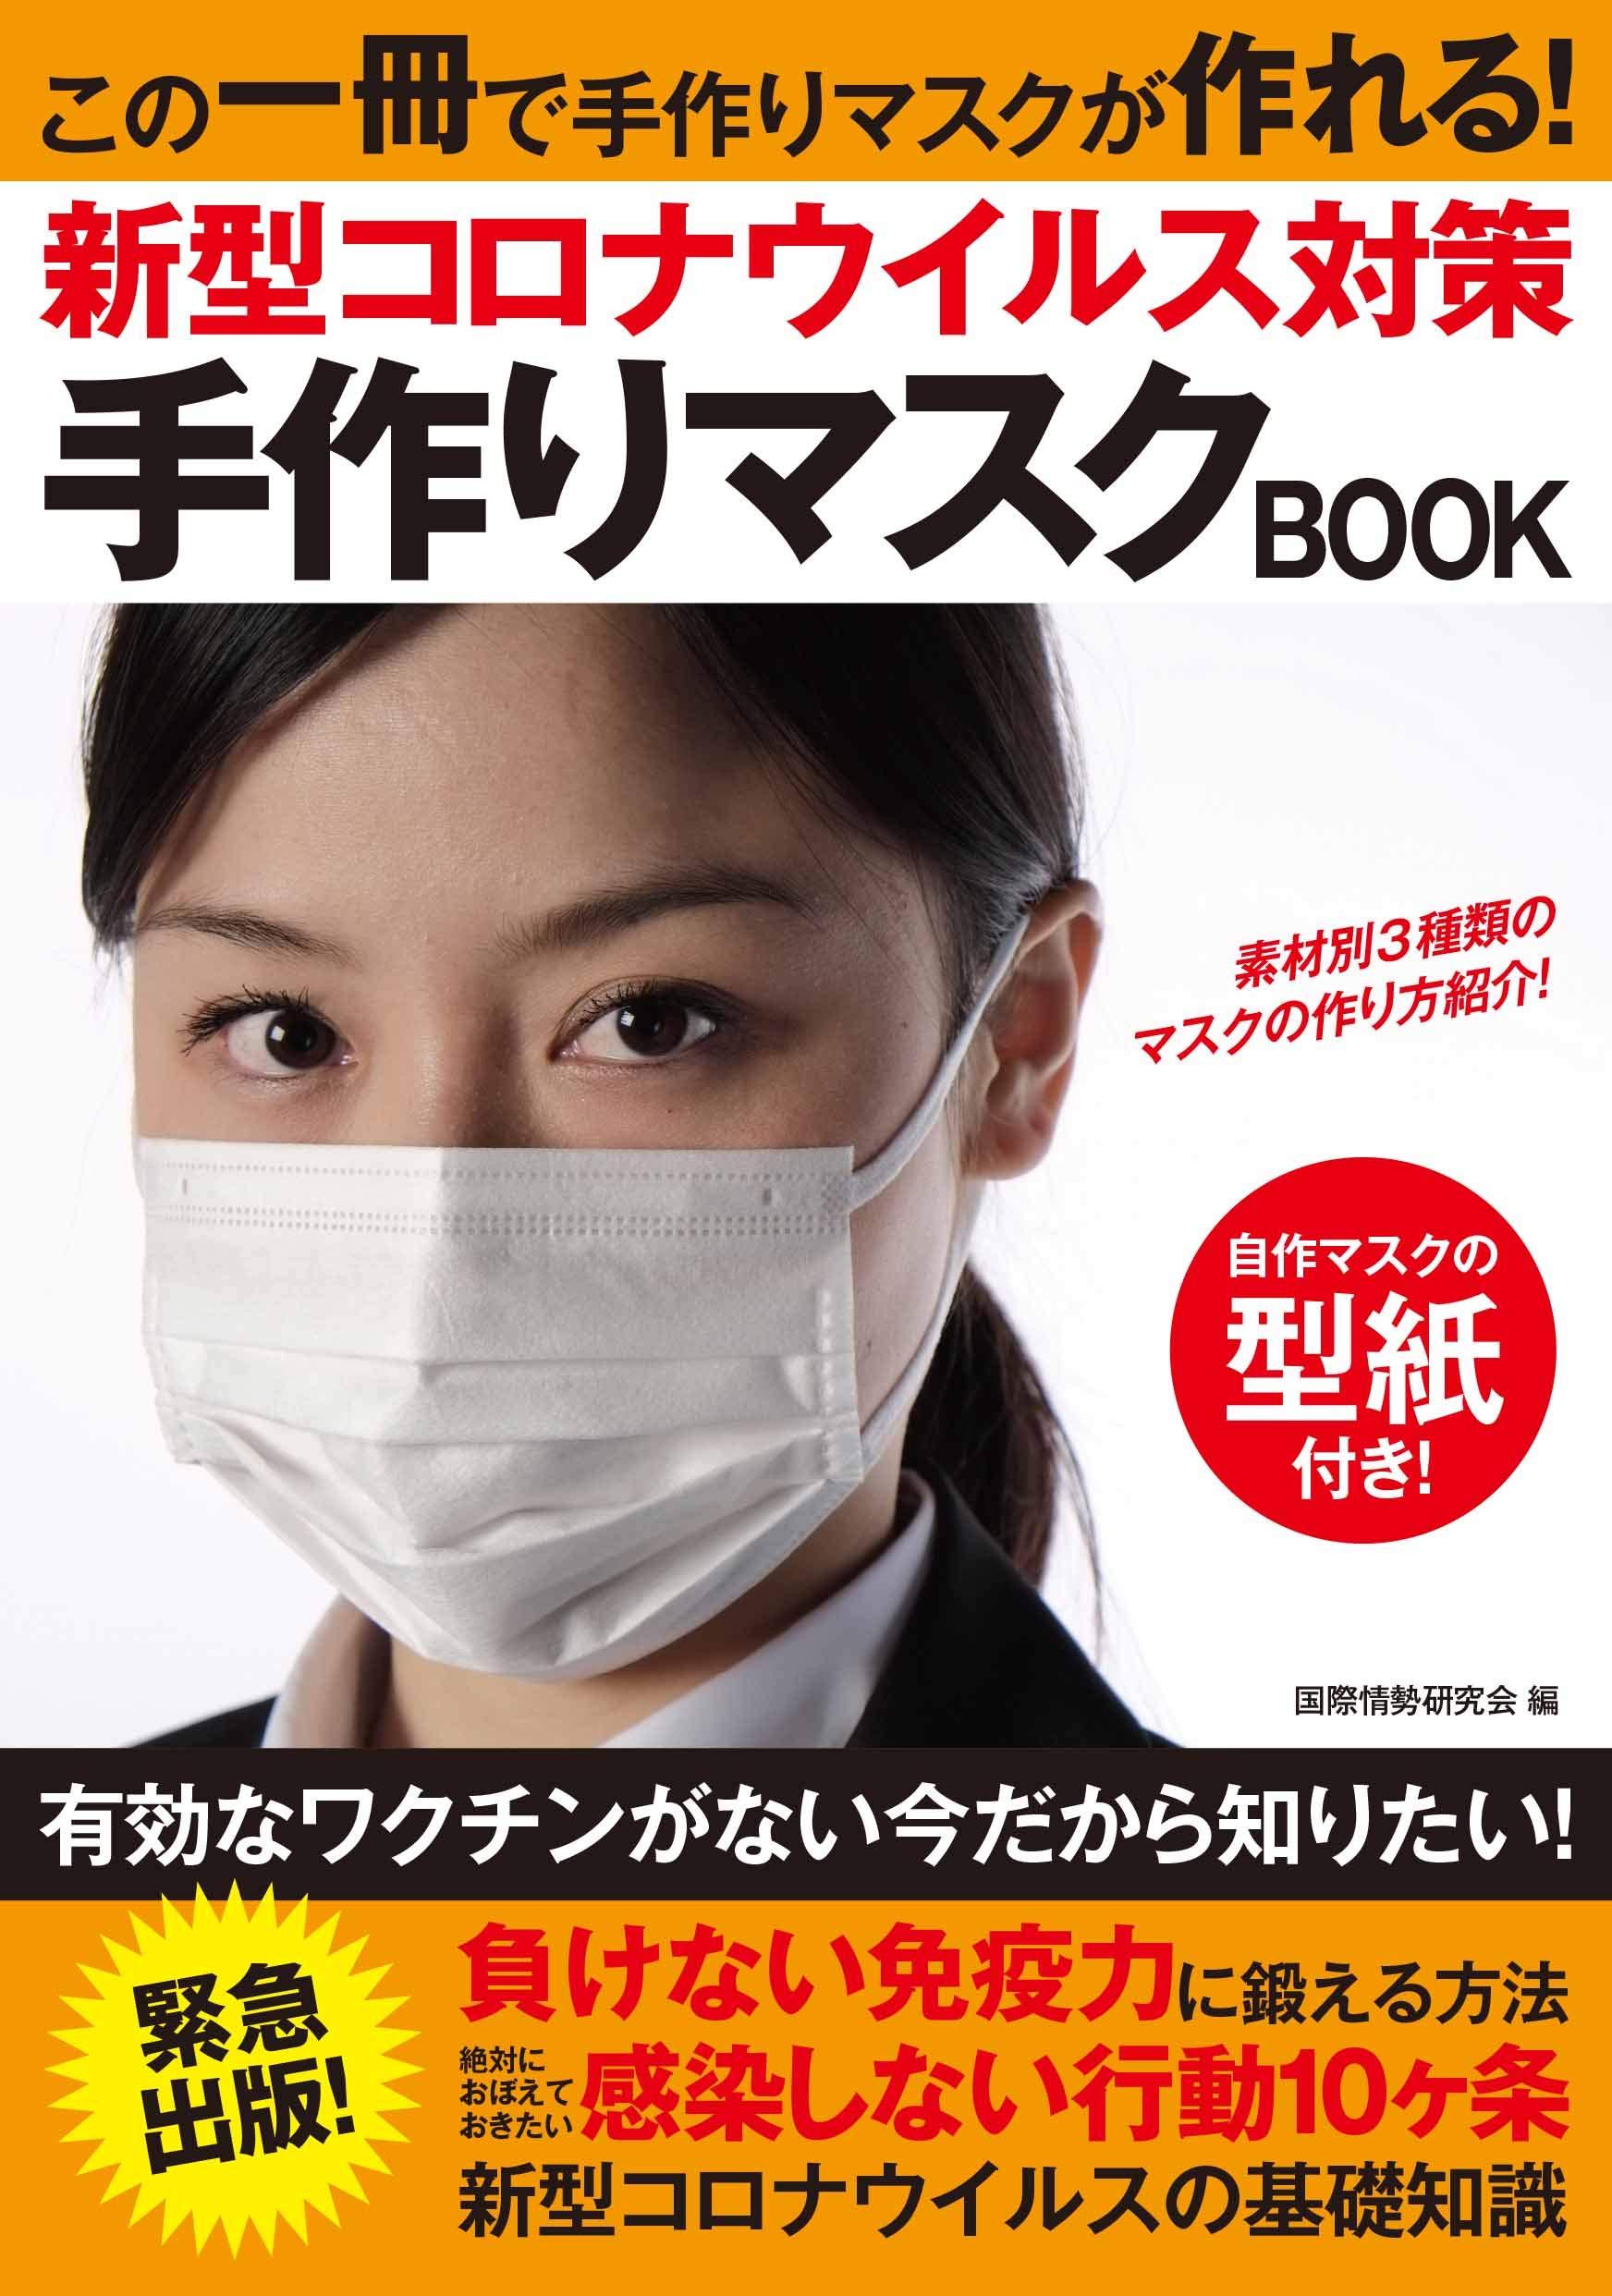 ない ハンドメイド マスク 売れ